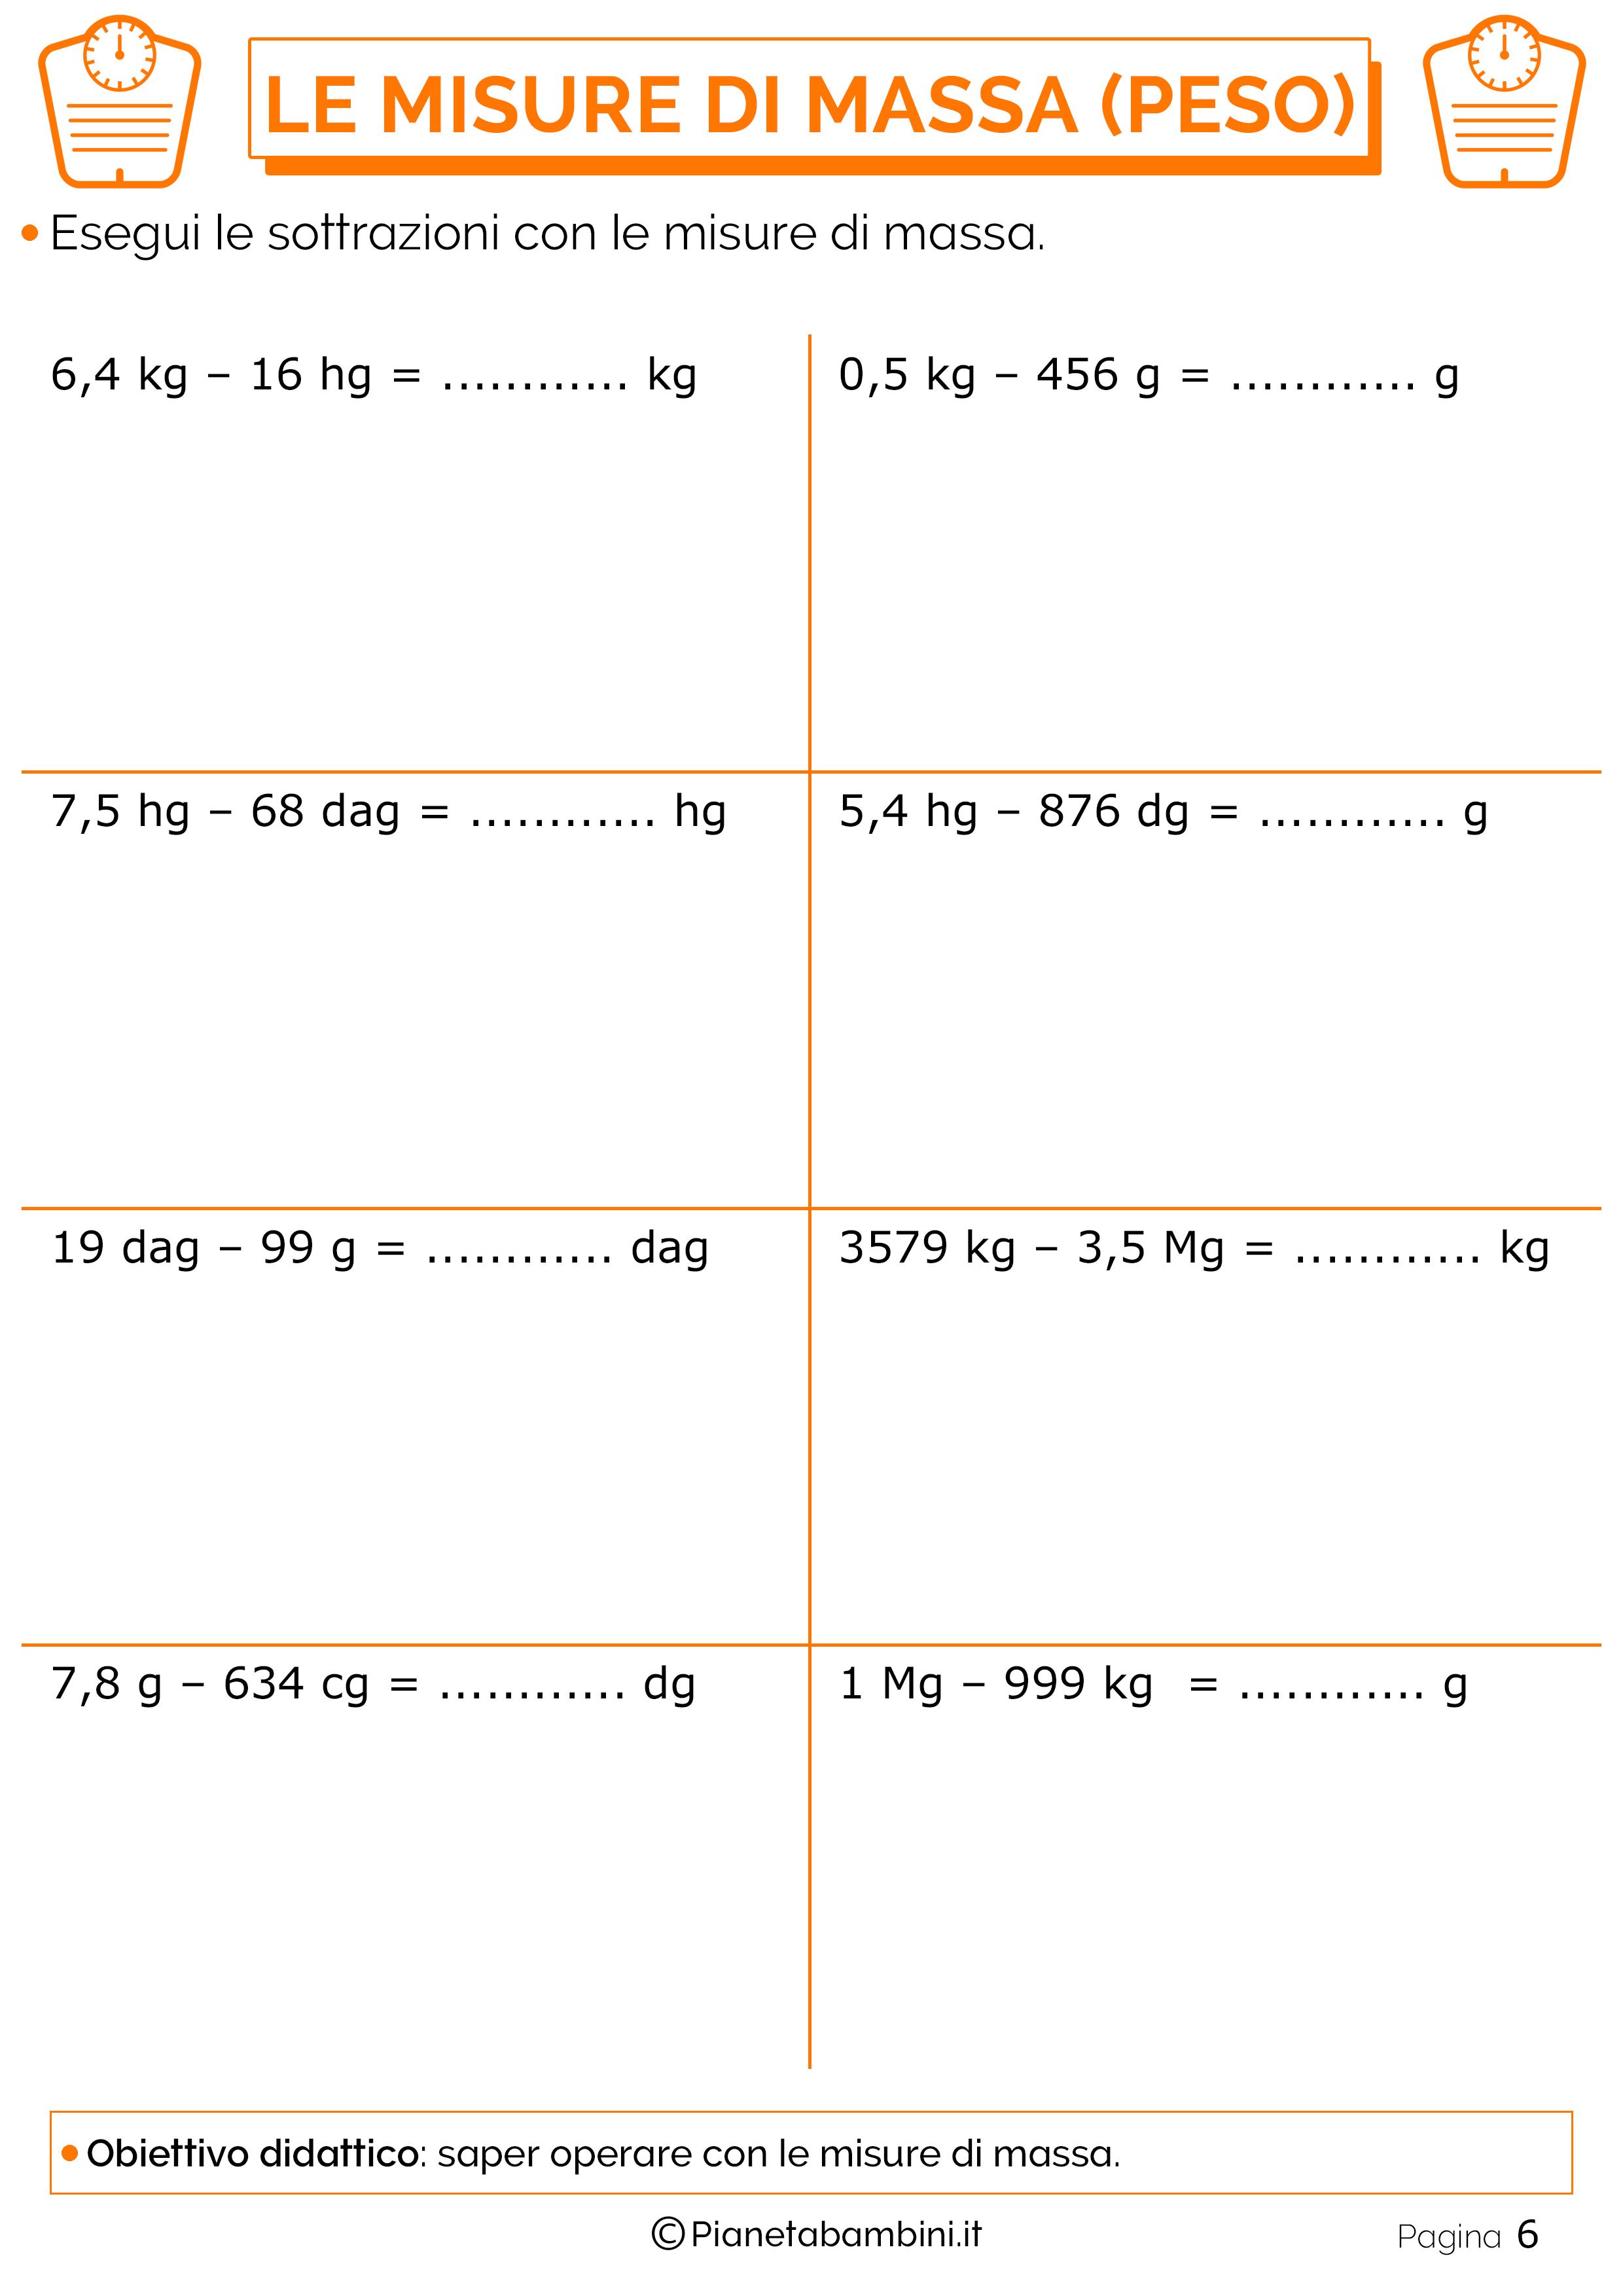 Sottrazioni-Misure-Massa-Peso